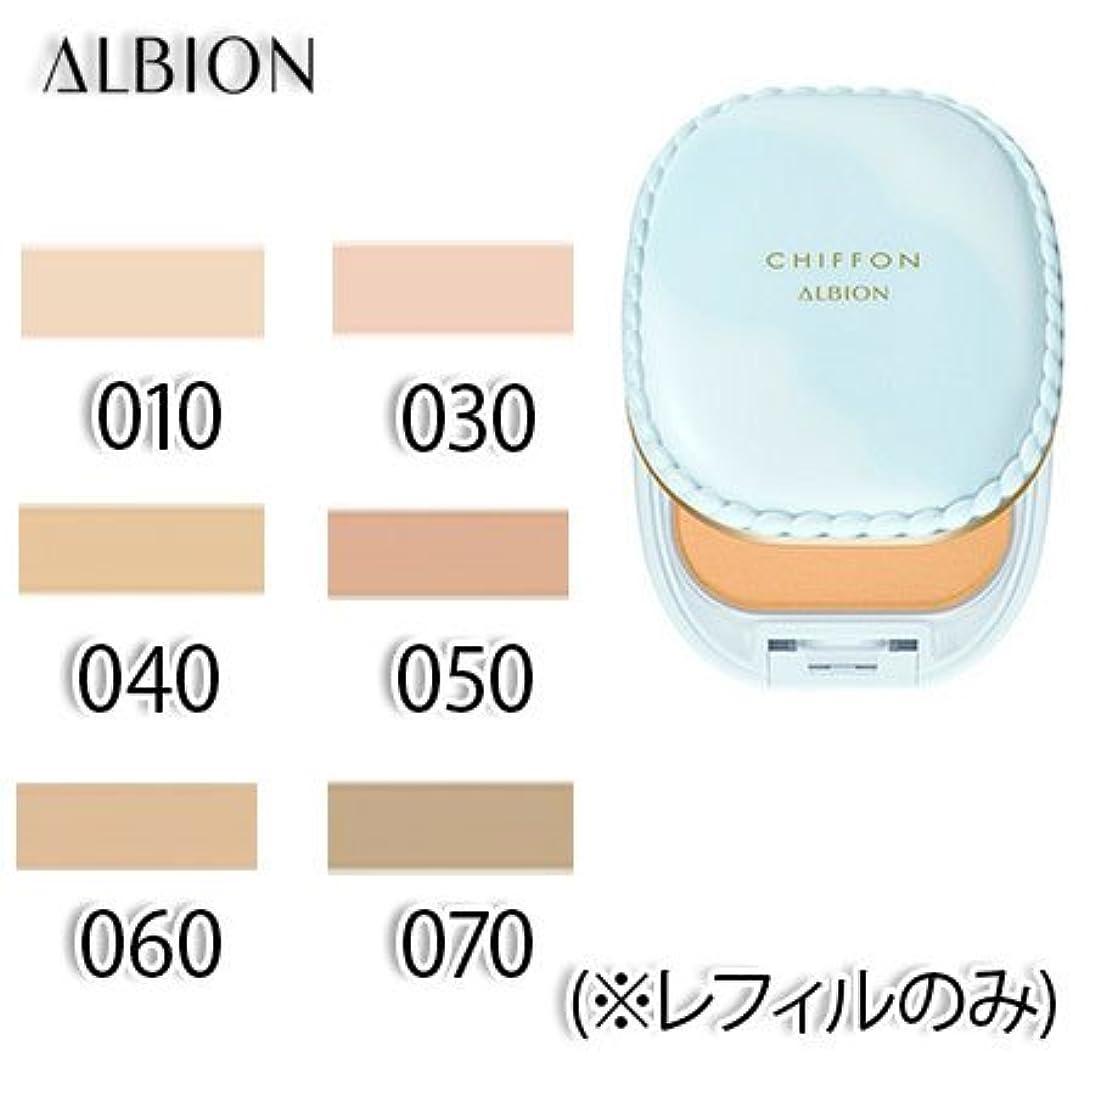 細部自治内部アルビオン スノー ホワイト シフォン 全6色 SPF25?PA++ 10g (レフィルのみ) -ALBION- 030